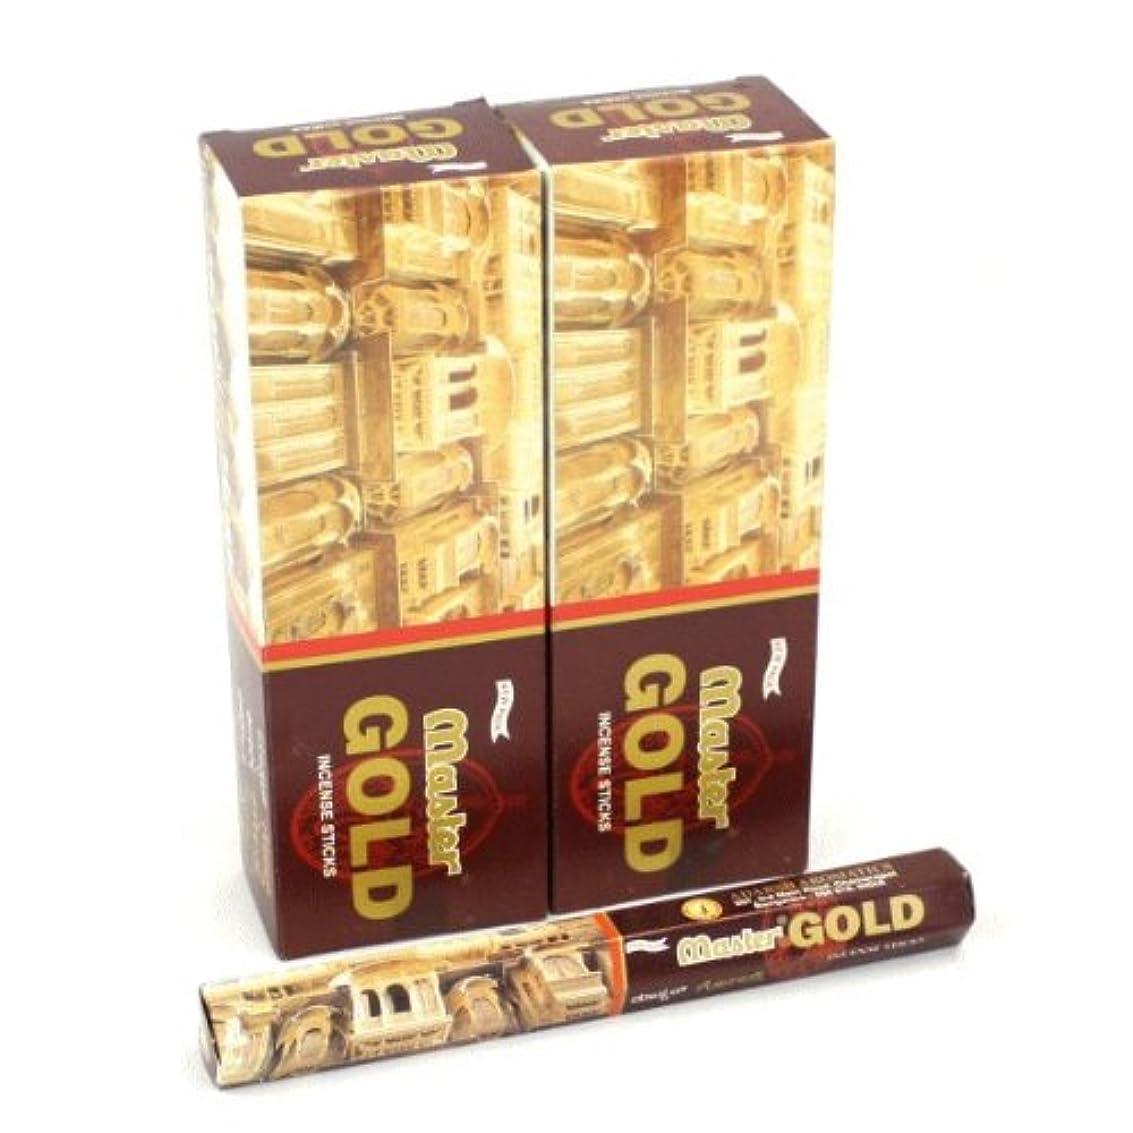 ケント左ラインナップADARSH マスターゴールド香 スティック ヘキサパック(六角) 12箱セット MASTER GOLD